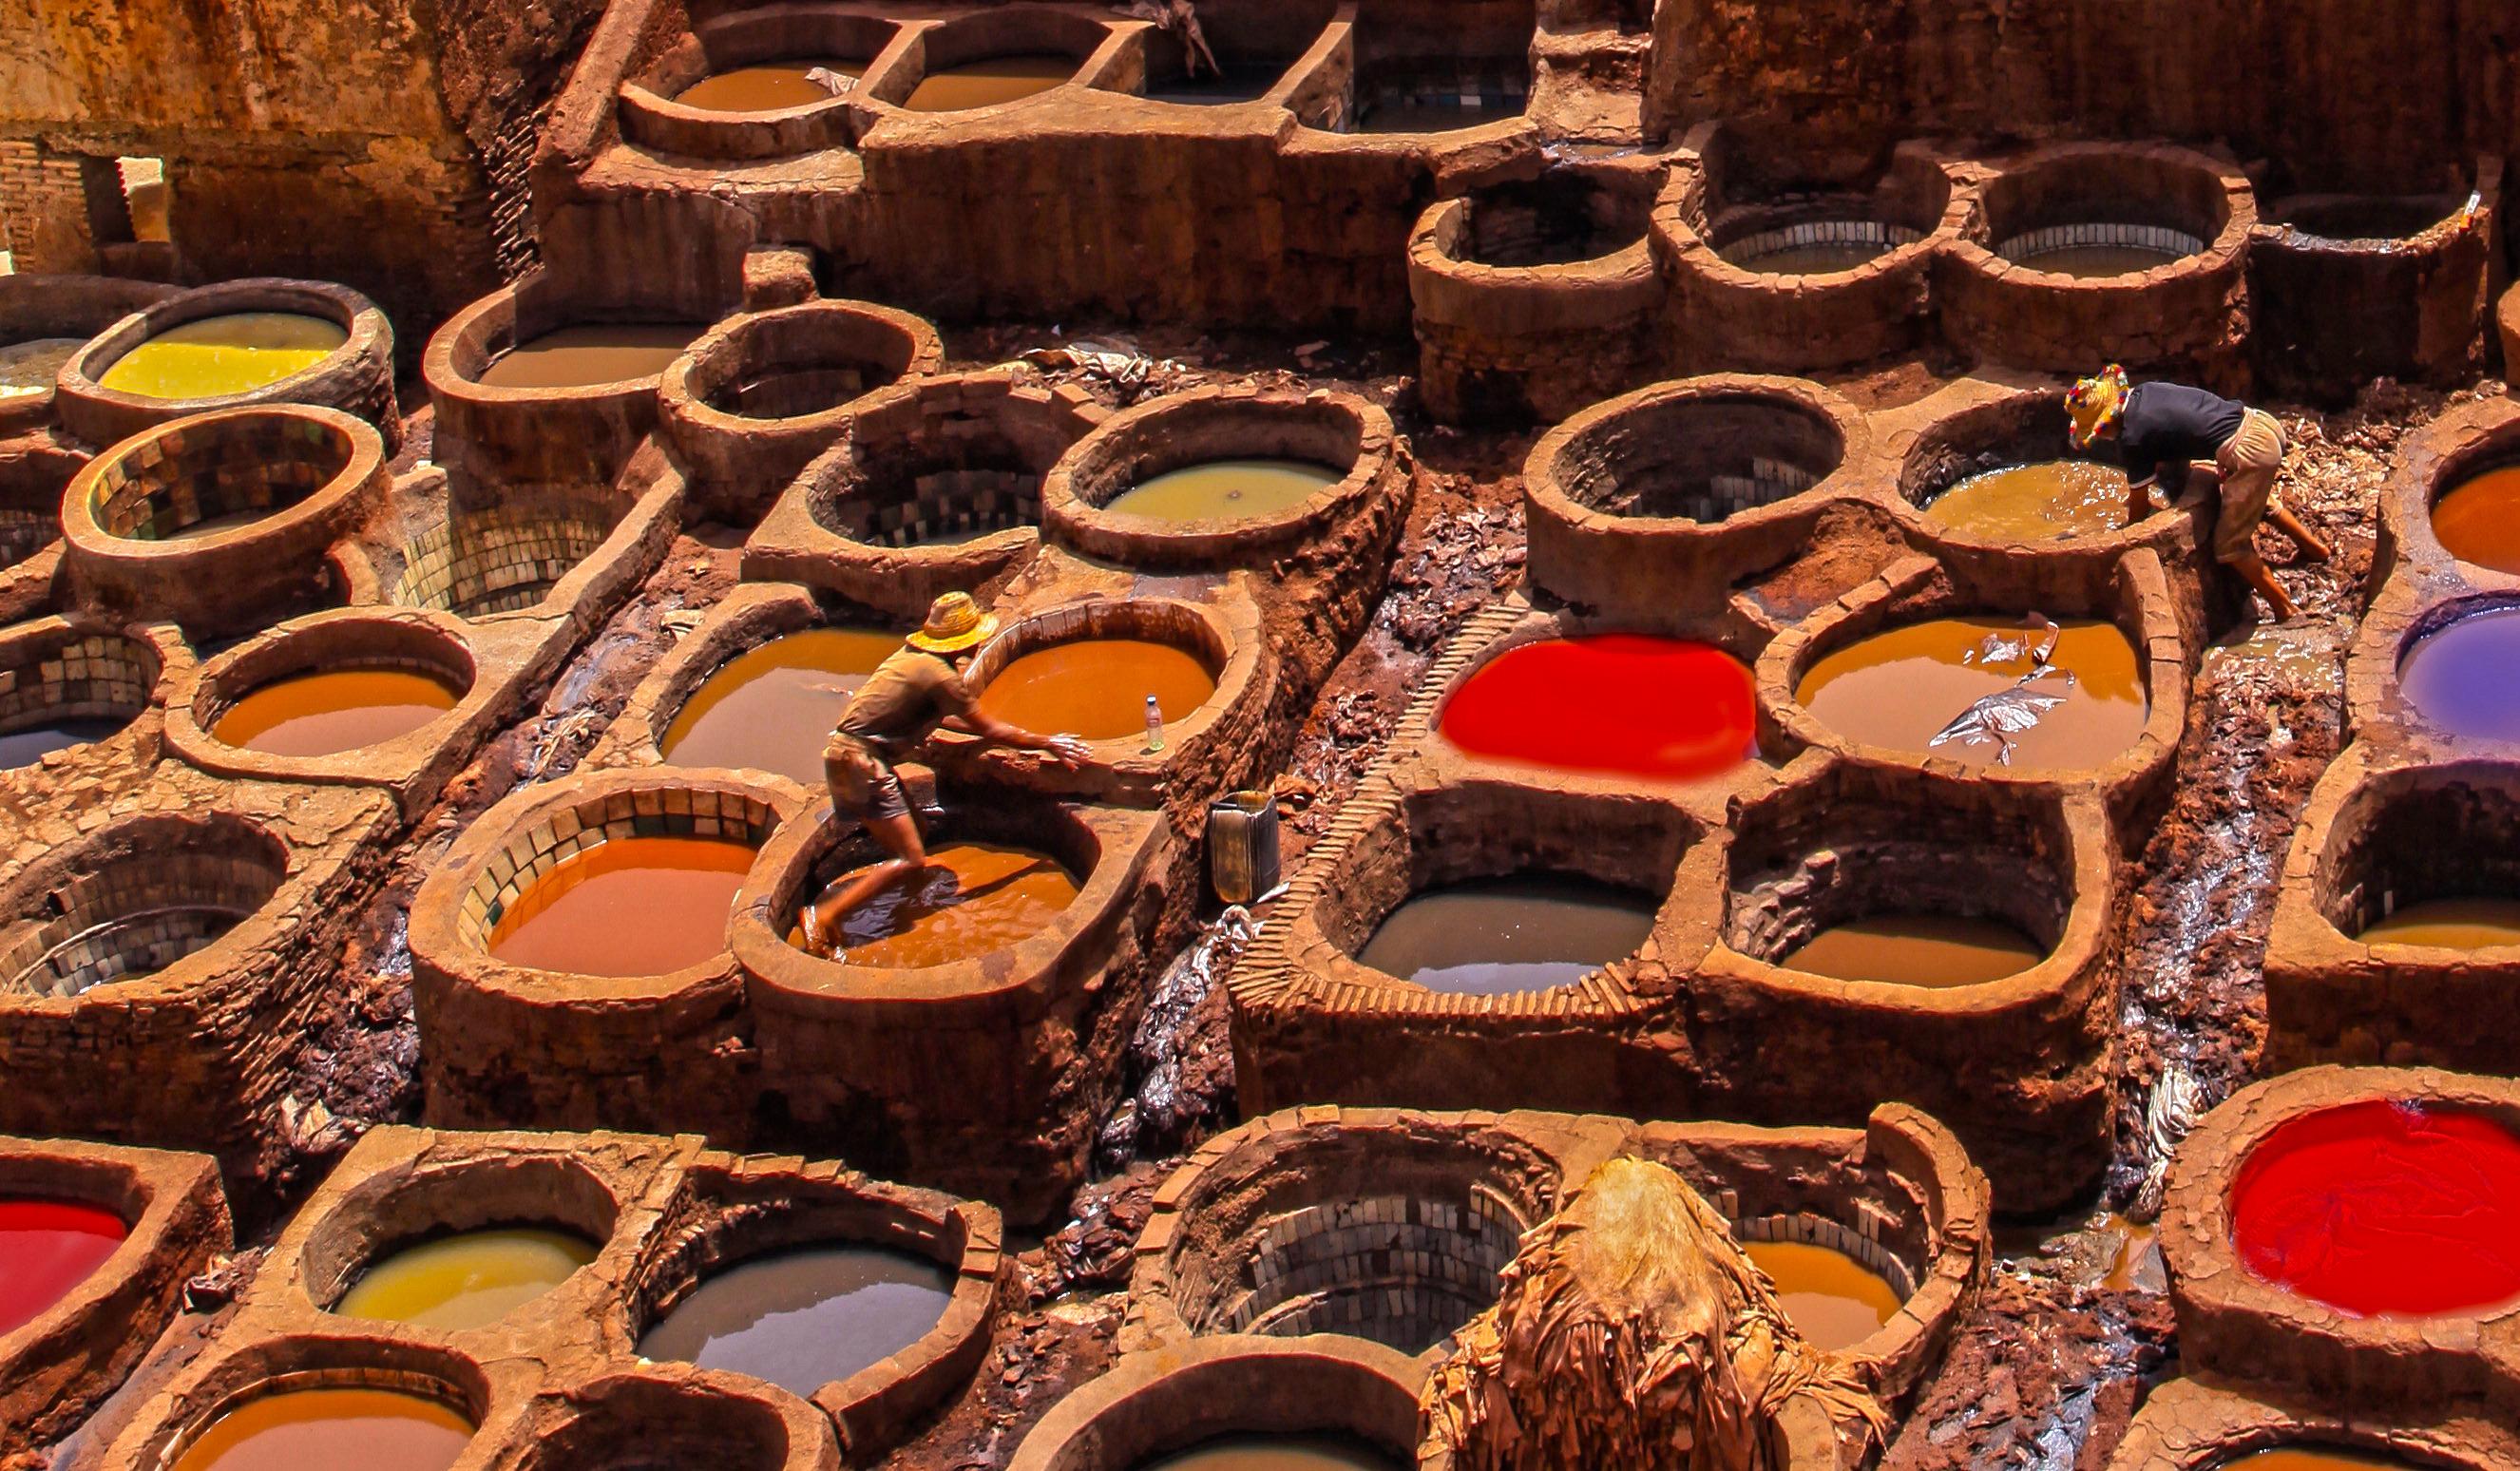 Fez i osławiona garbarnia skór. Cały świat dociera do Fez zobaczyć archaiczny proces barwienia i szycia . Bonusem jest piekielny smród w garbarni